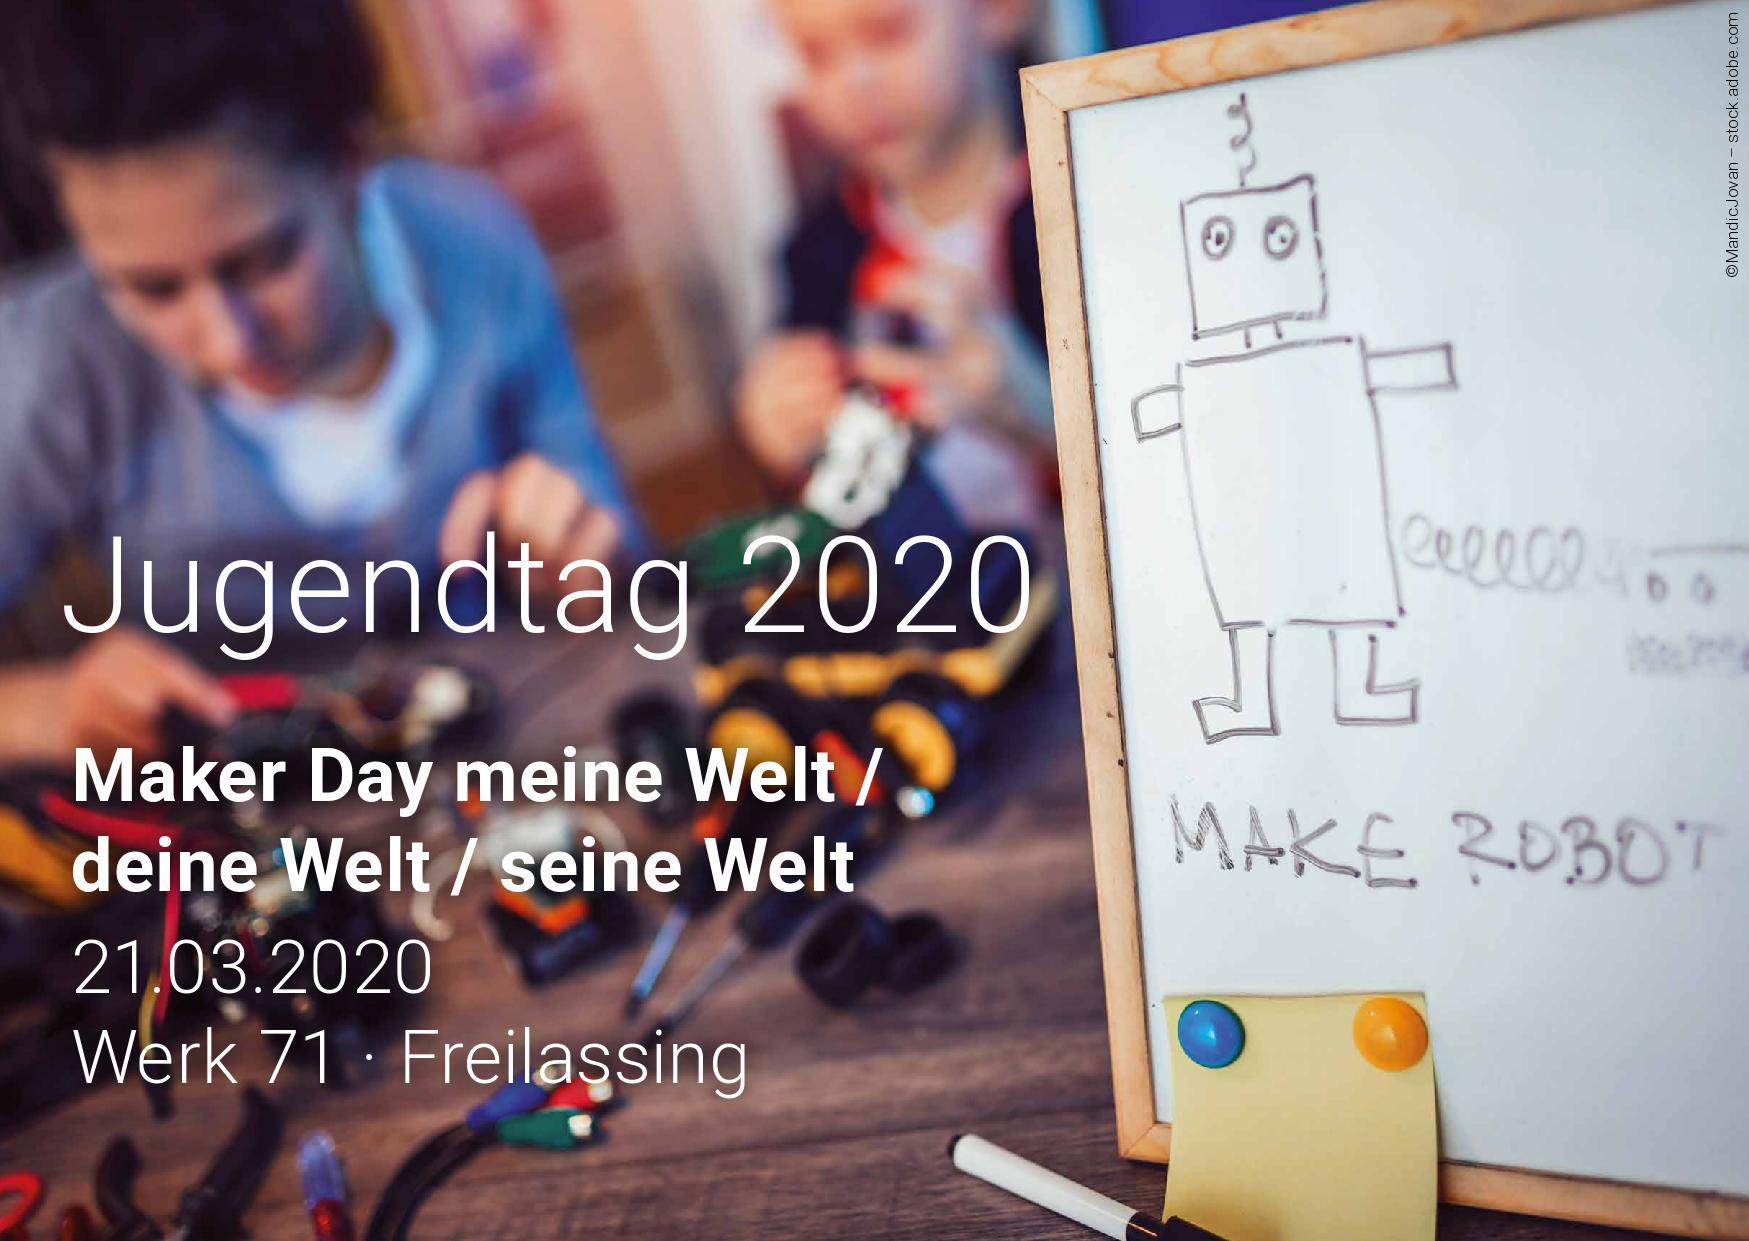 Jugendtag 2020